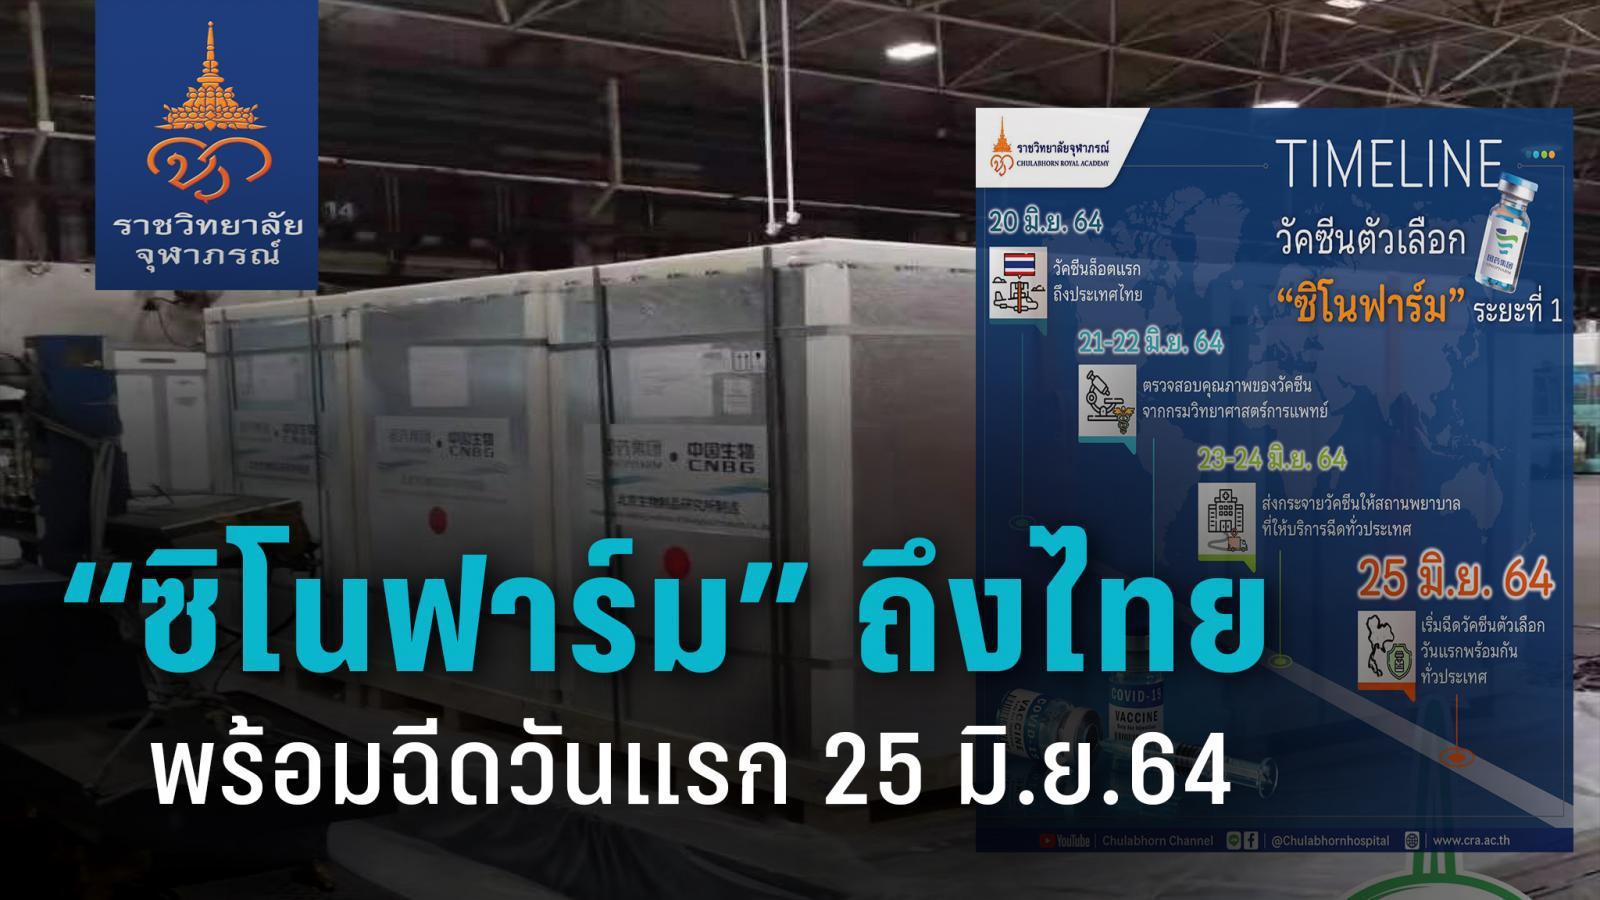 """ถึงไทยแล้ว """"วัคซีนซิโนฟาร์ม"""" ล็อตแรก 1 ล้านโดสแรกพร้อมฉีด"""